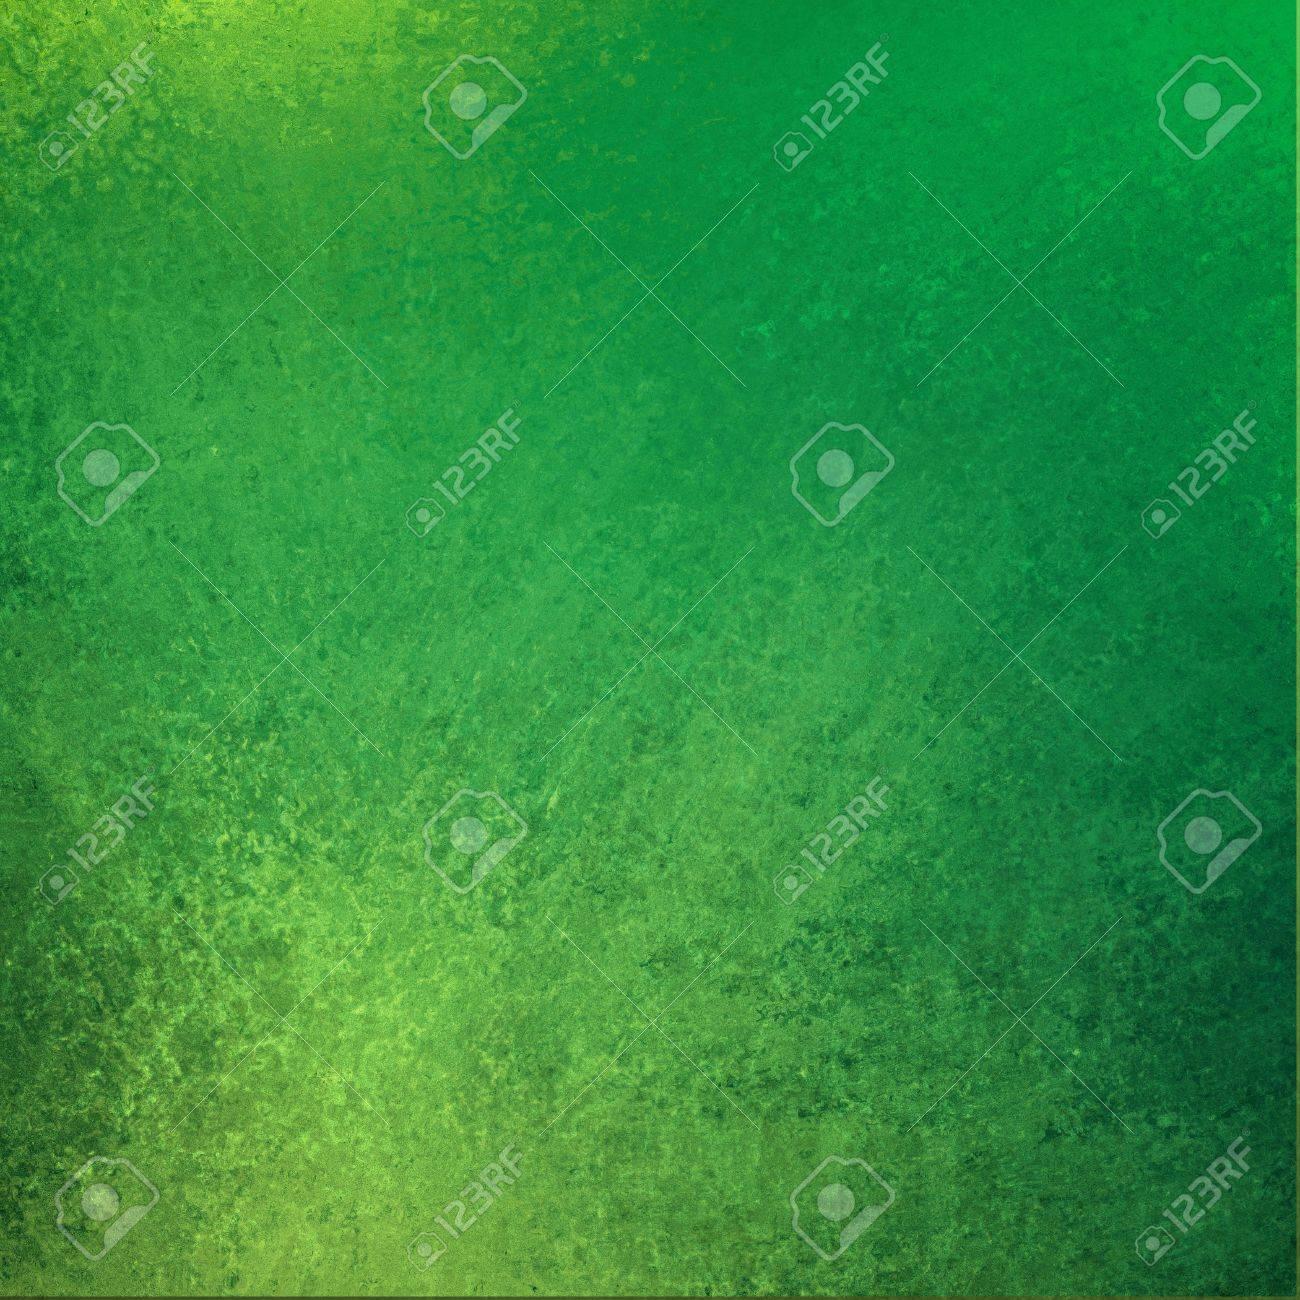 Vintage Grunge Textur Hintergrund Design. Gelb, Grün, Farbe Glänzende  Wandfarbe